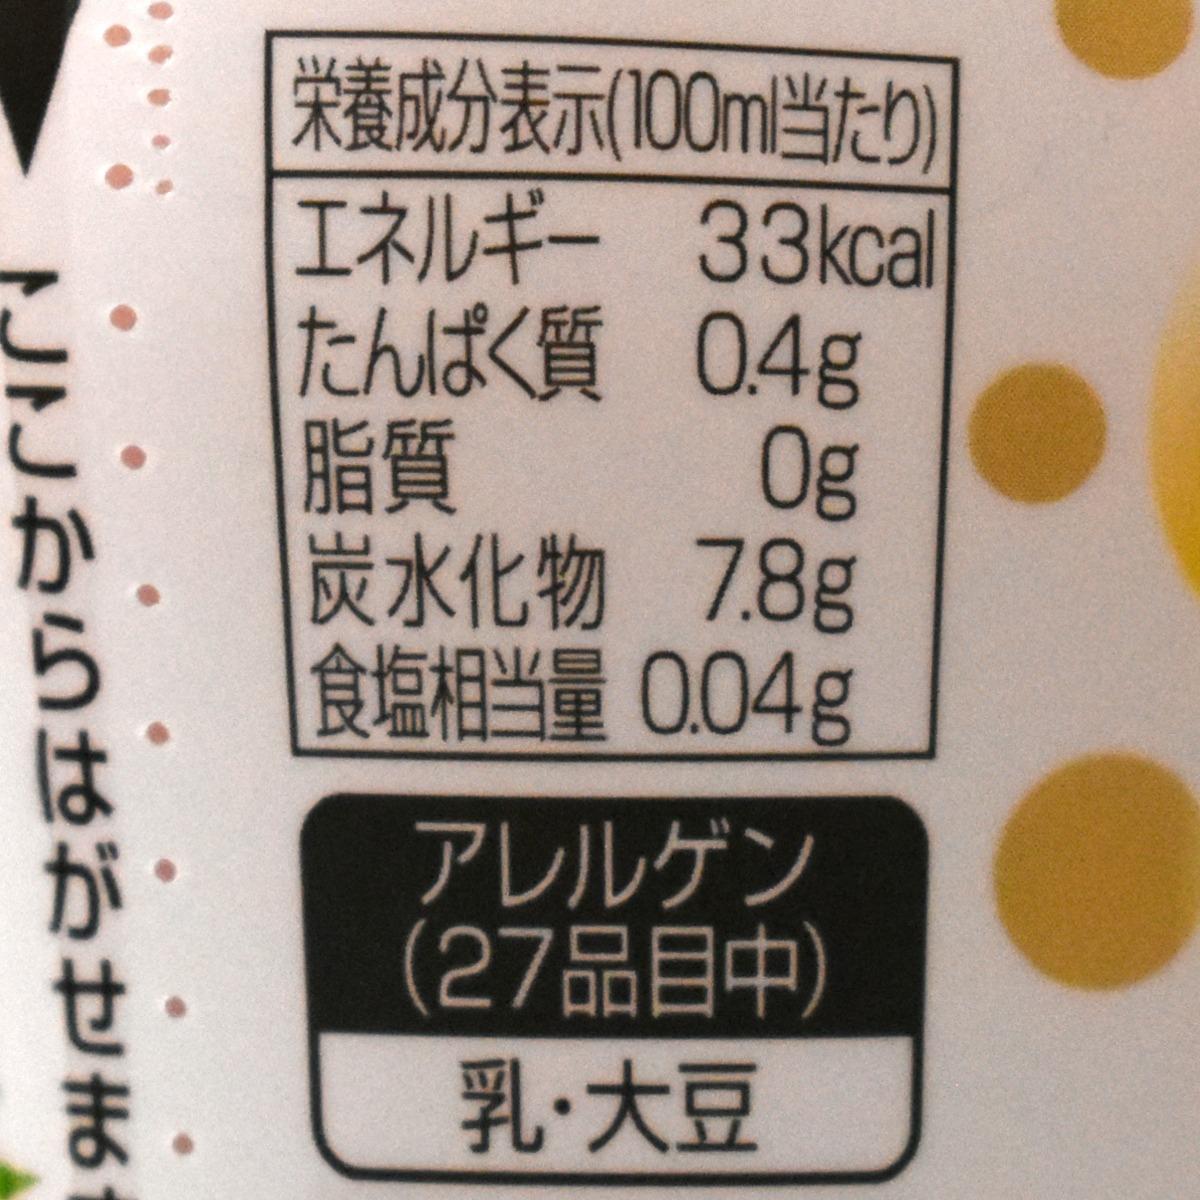 カルピスソーダ 濃いめ いちごの栄養成分表示